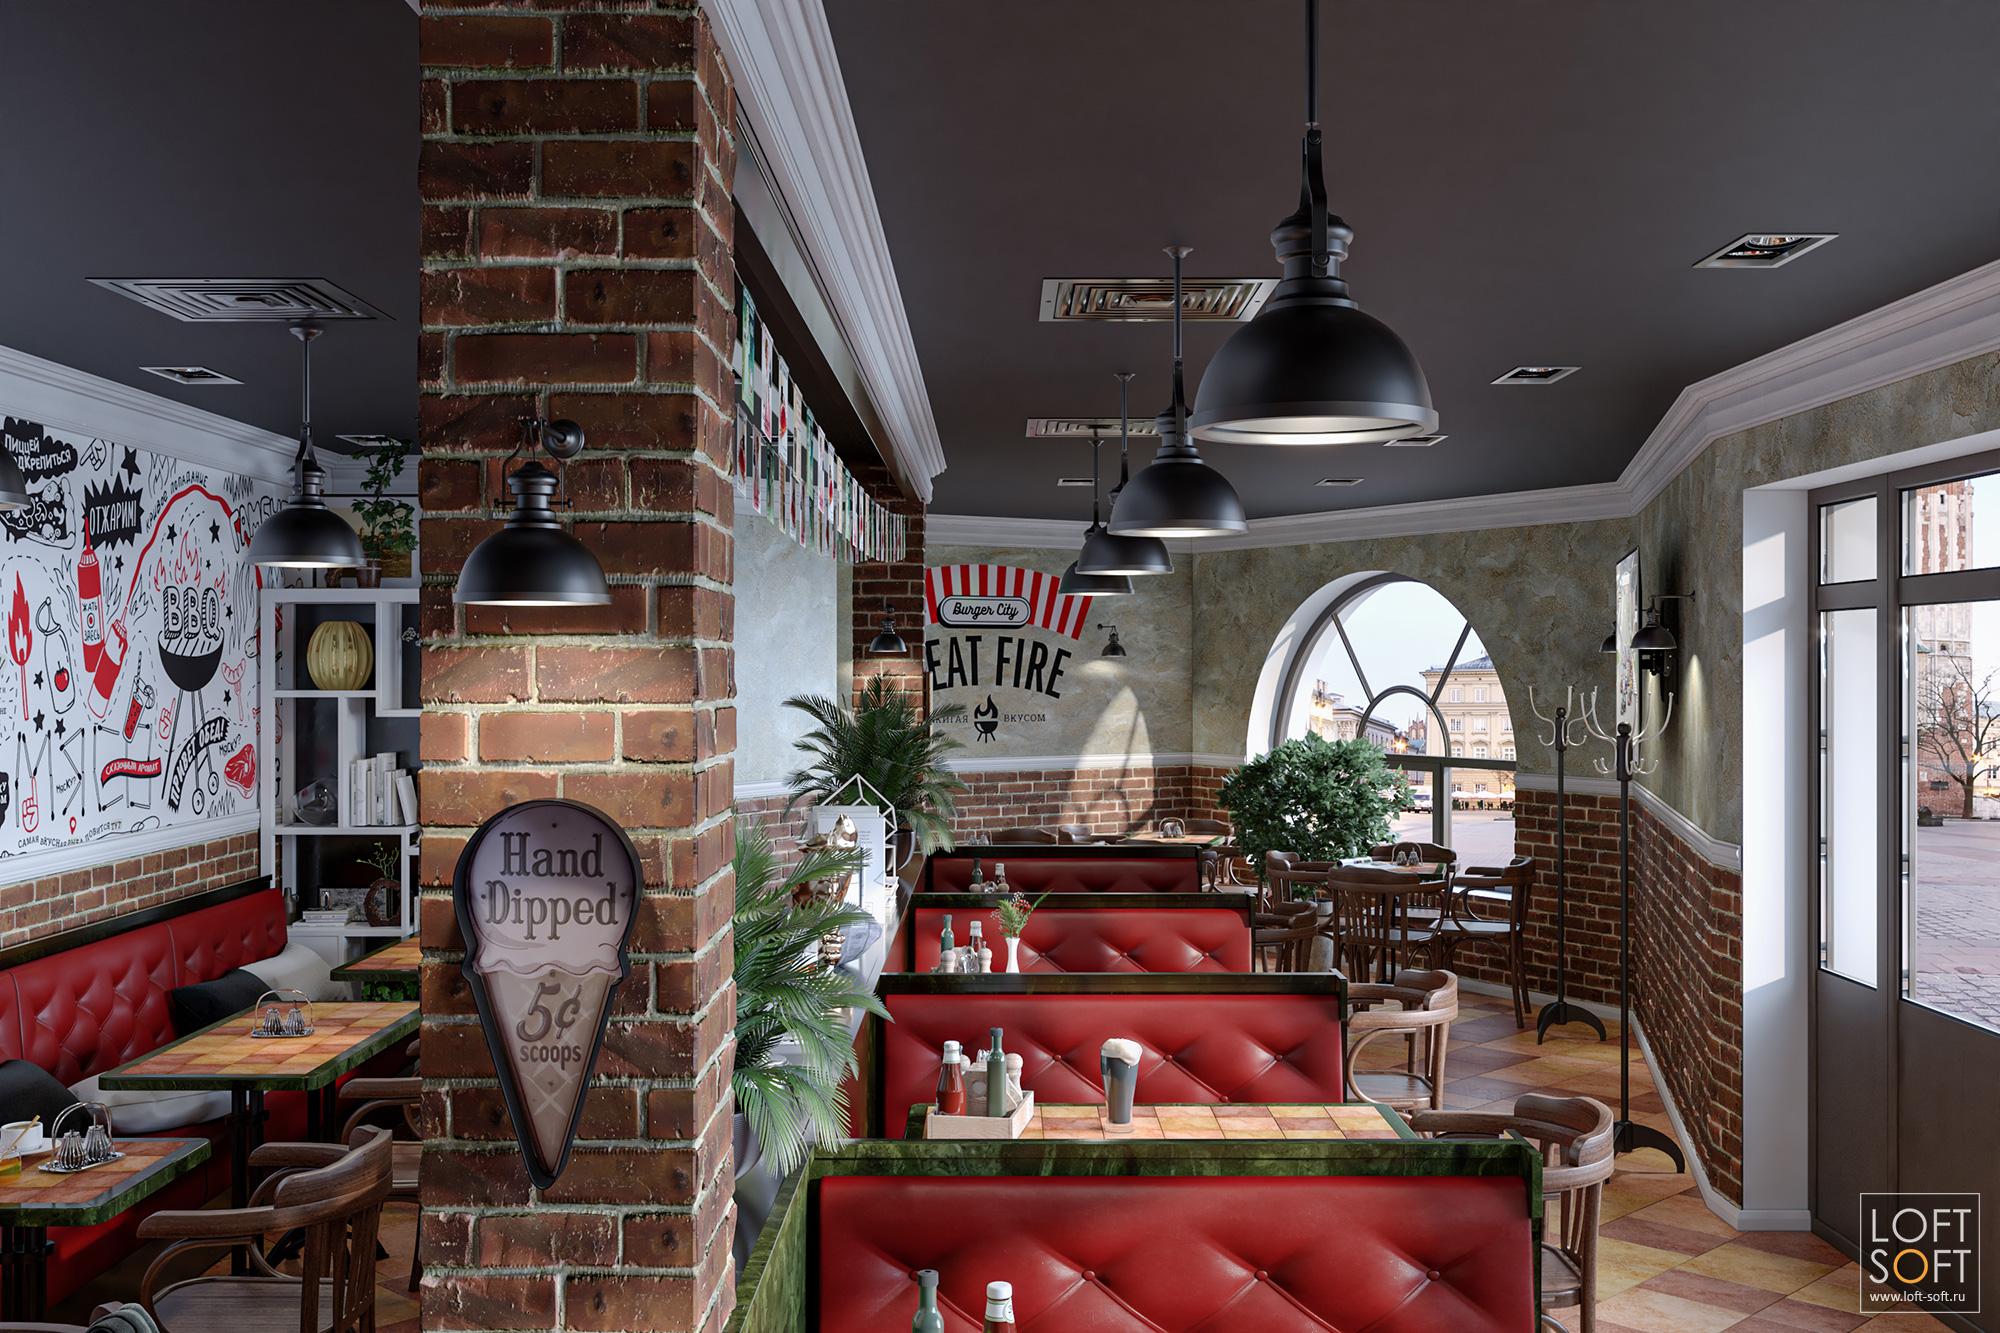 Дизайн интерьера кафе. Ресторан встиле лофт.